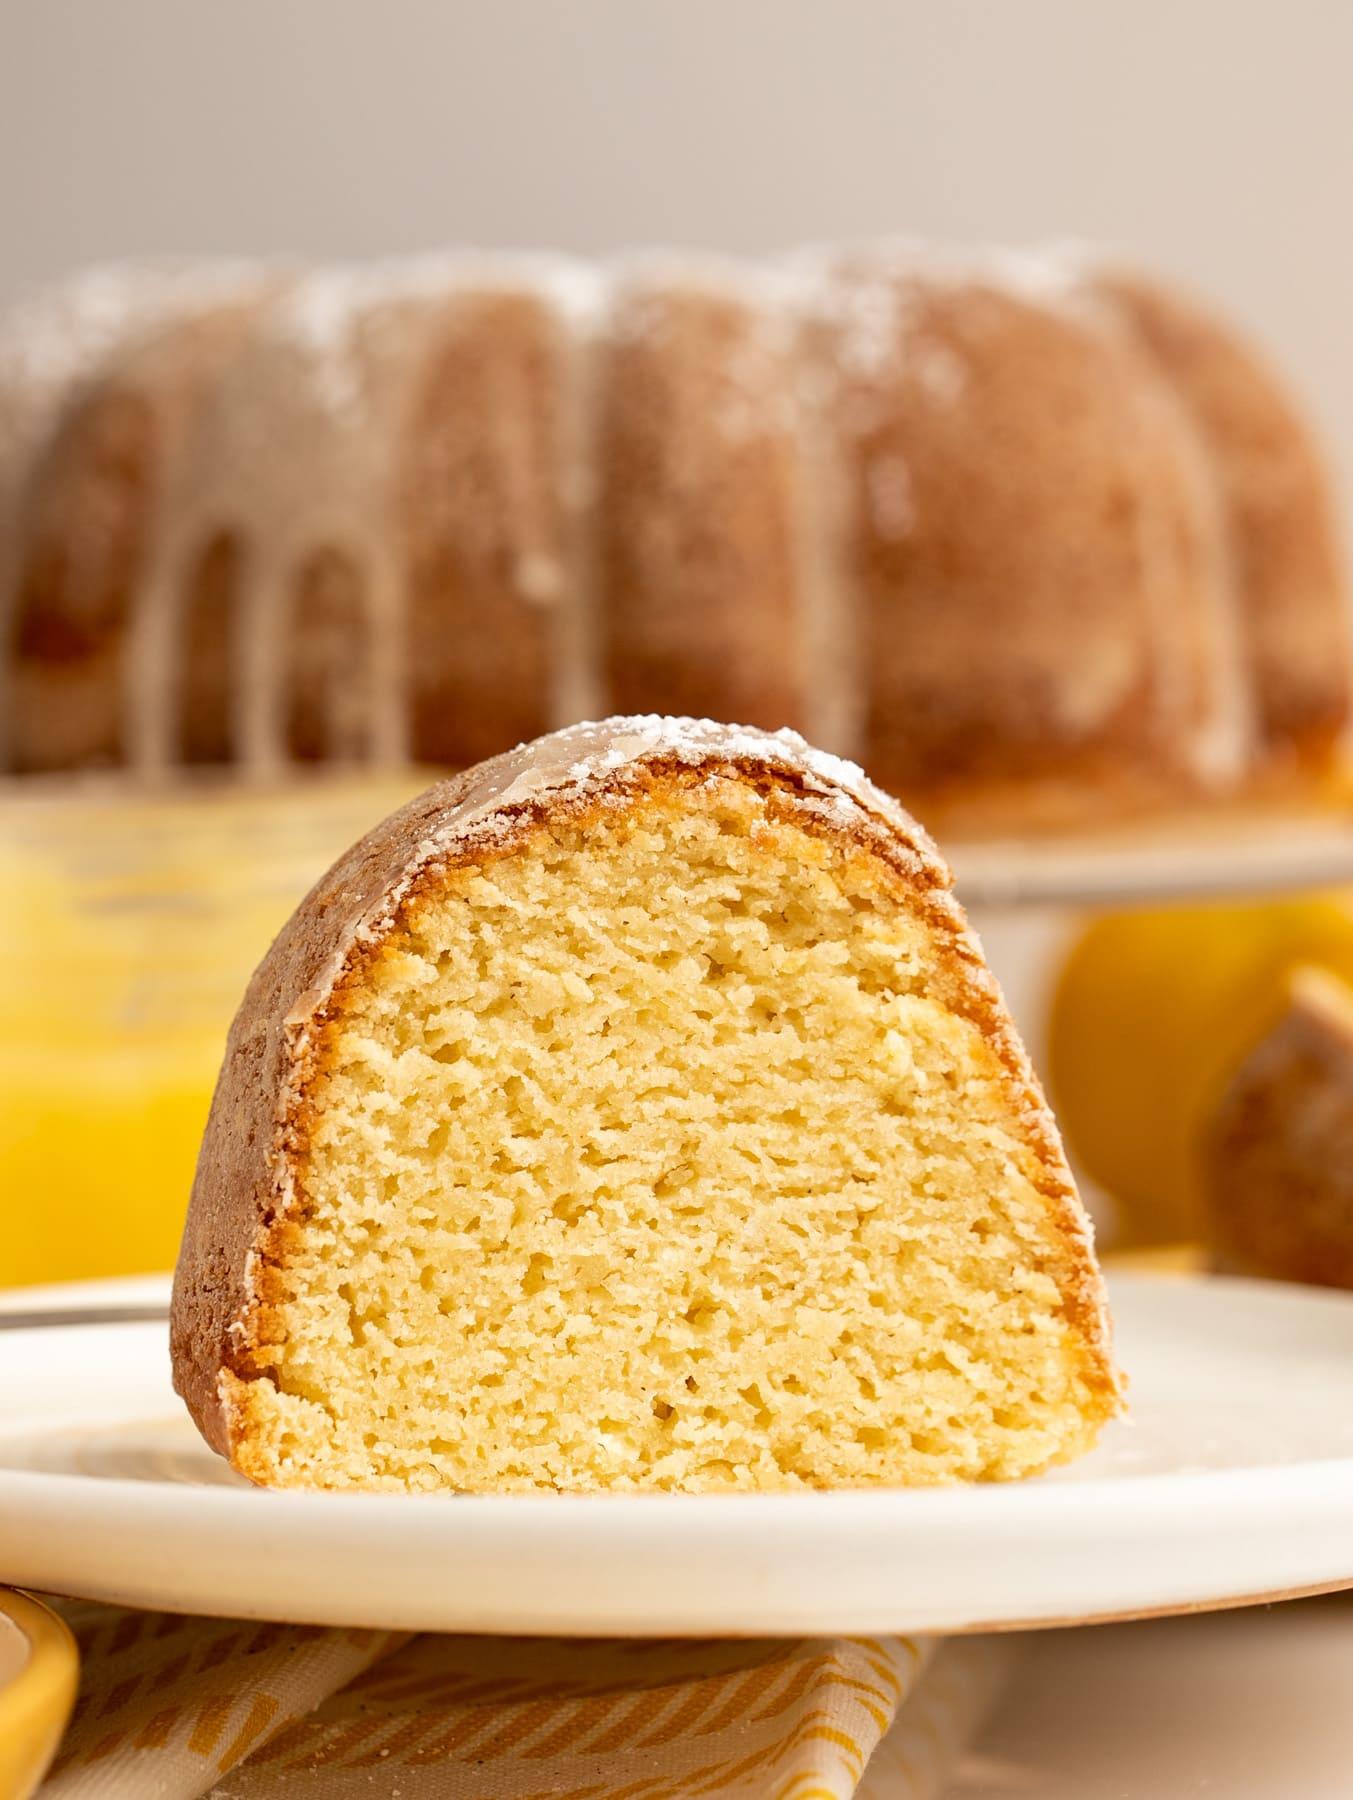 slice of lemon bundt cake on white plate